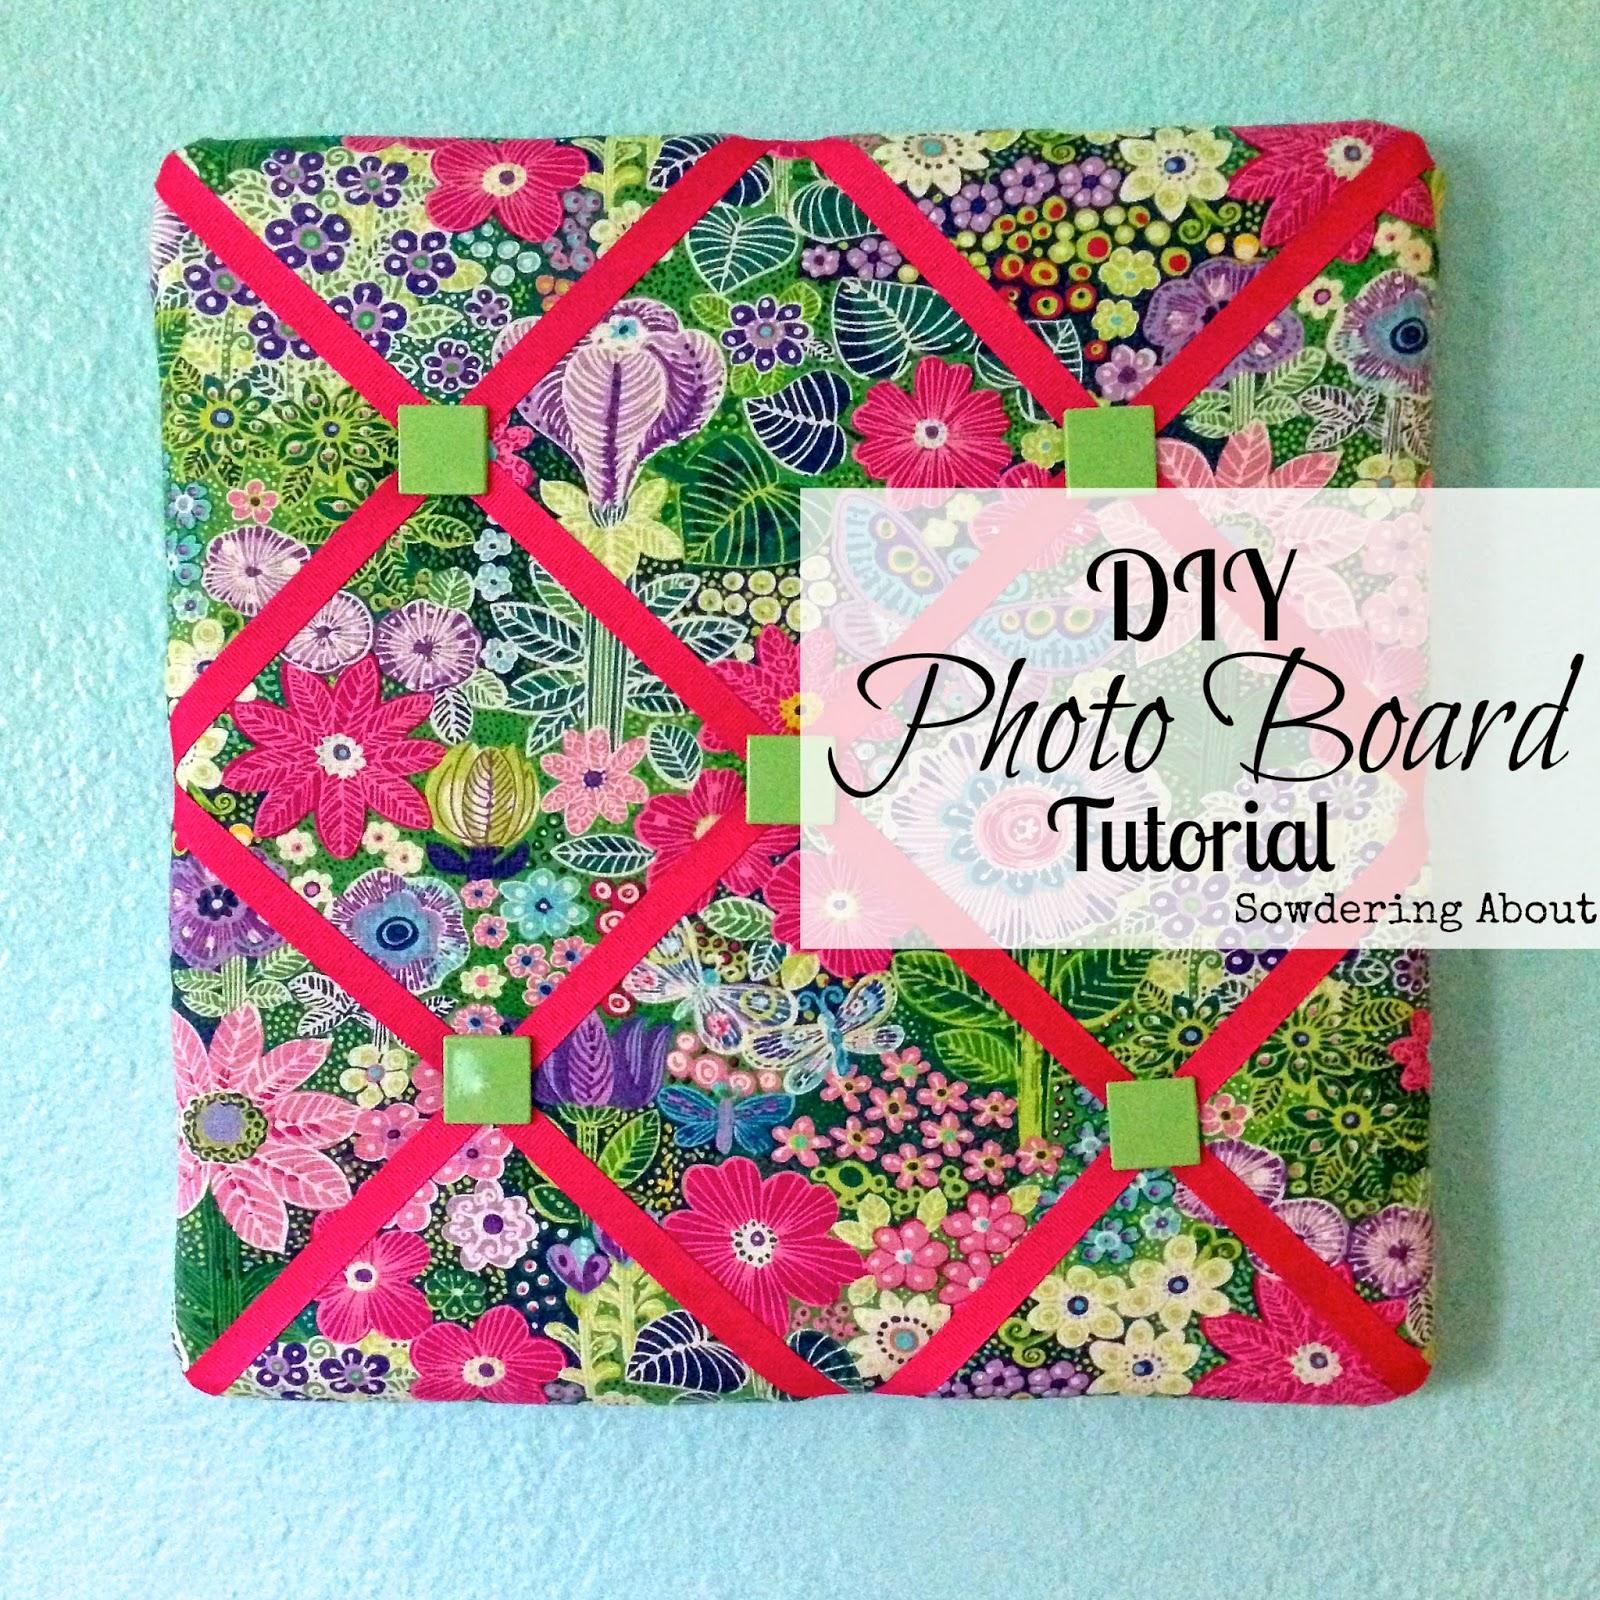 Diy photo board tutorial costura pinterest tabl n de for Reciclaje manualidades decoracion